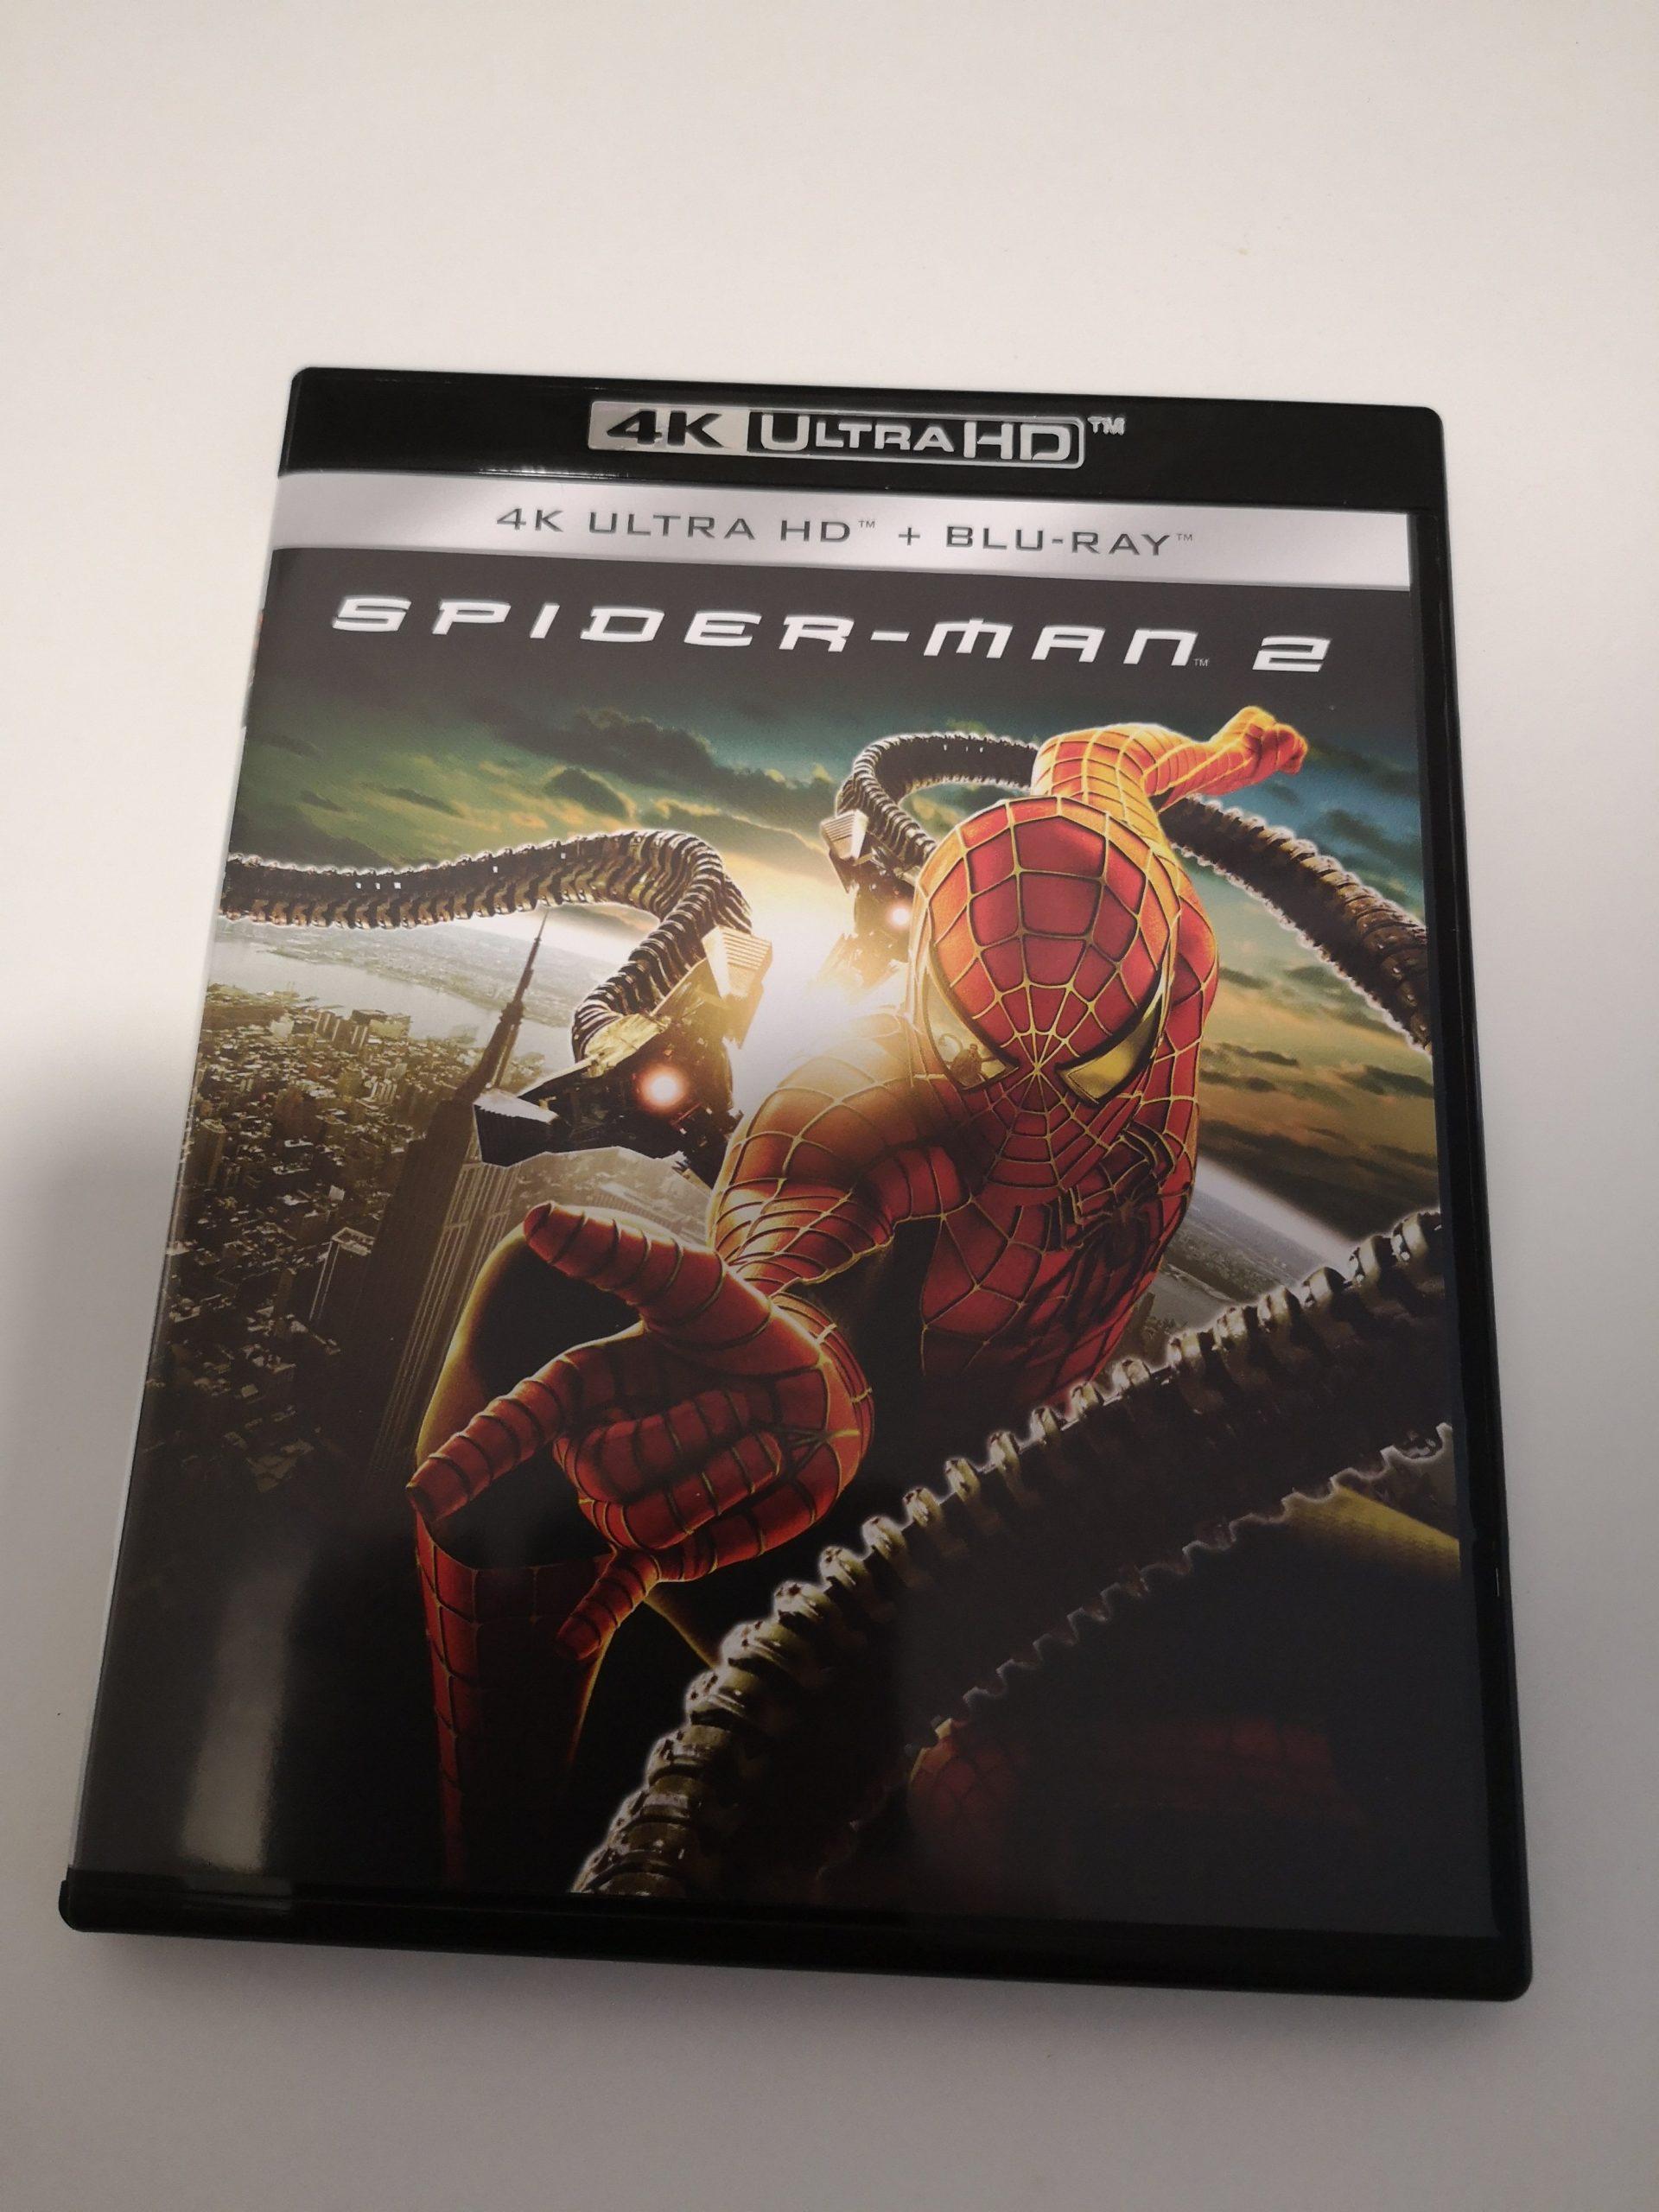 Spider-Man 2 01